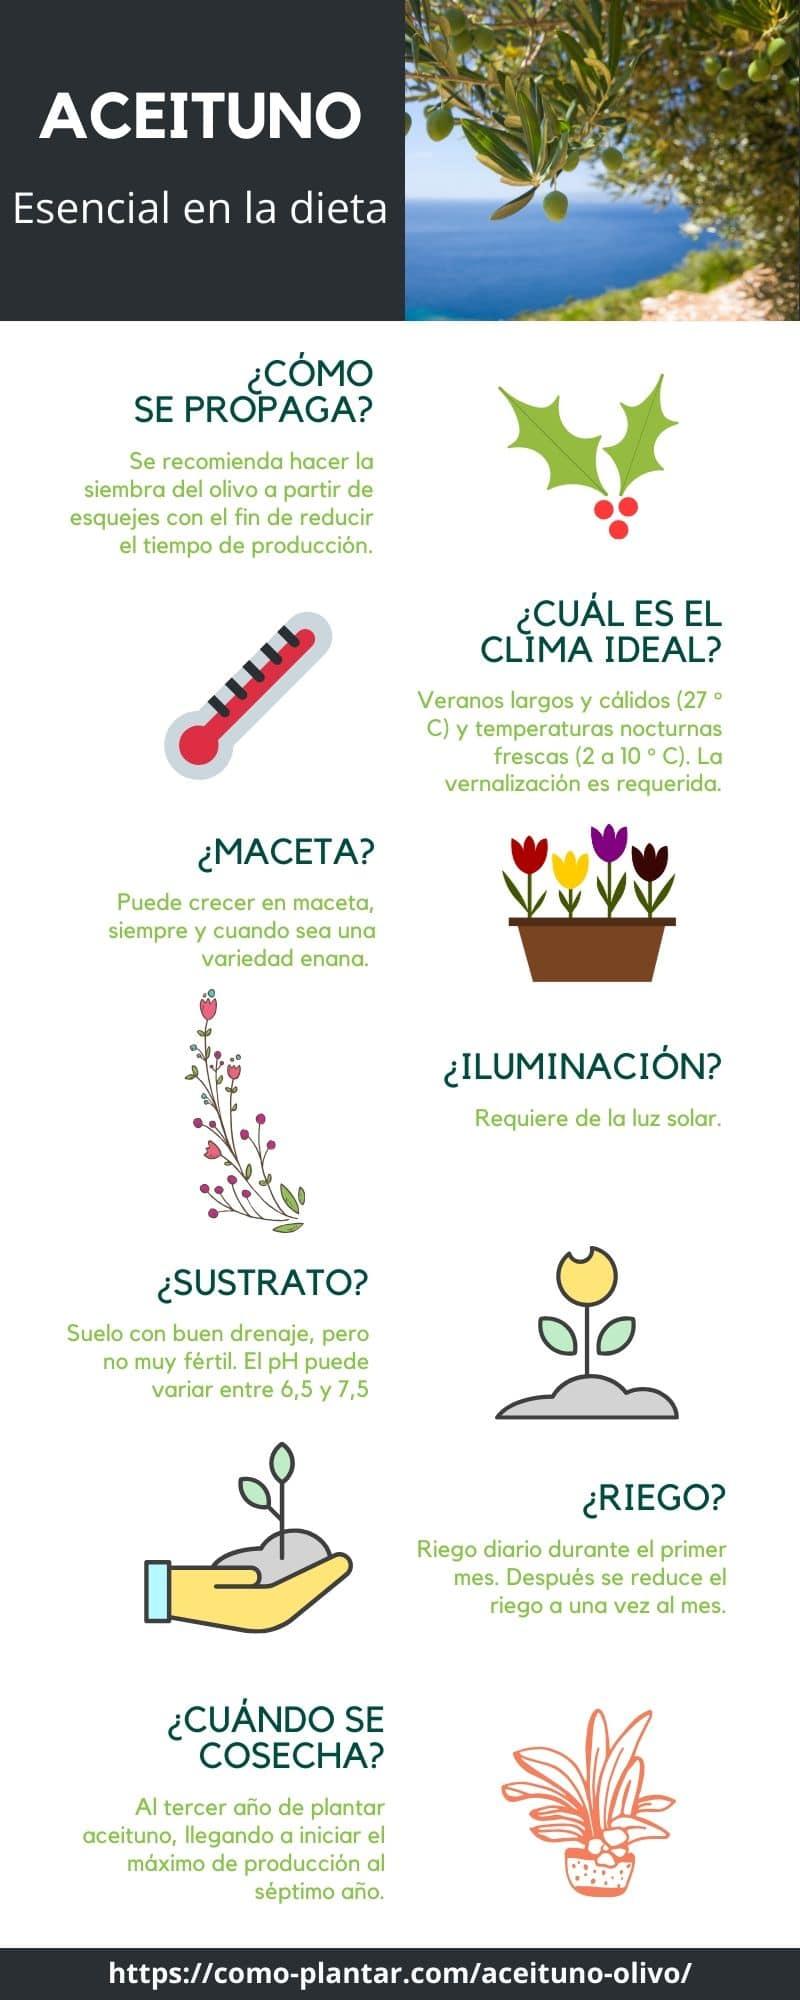 Guía para el cultivo del aceituno y obtención de aceituna u oliva